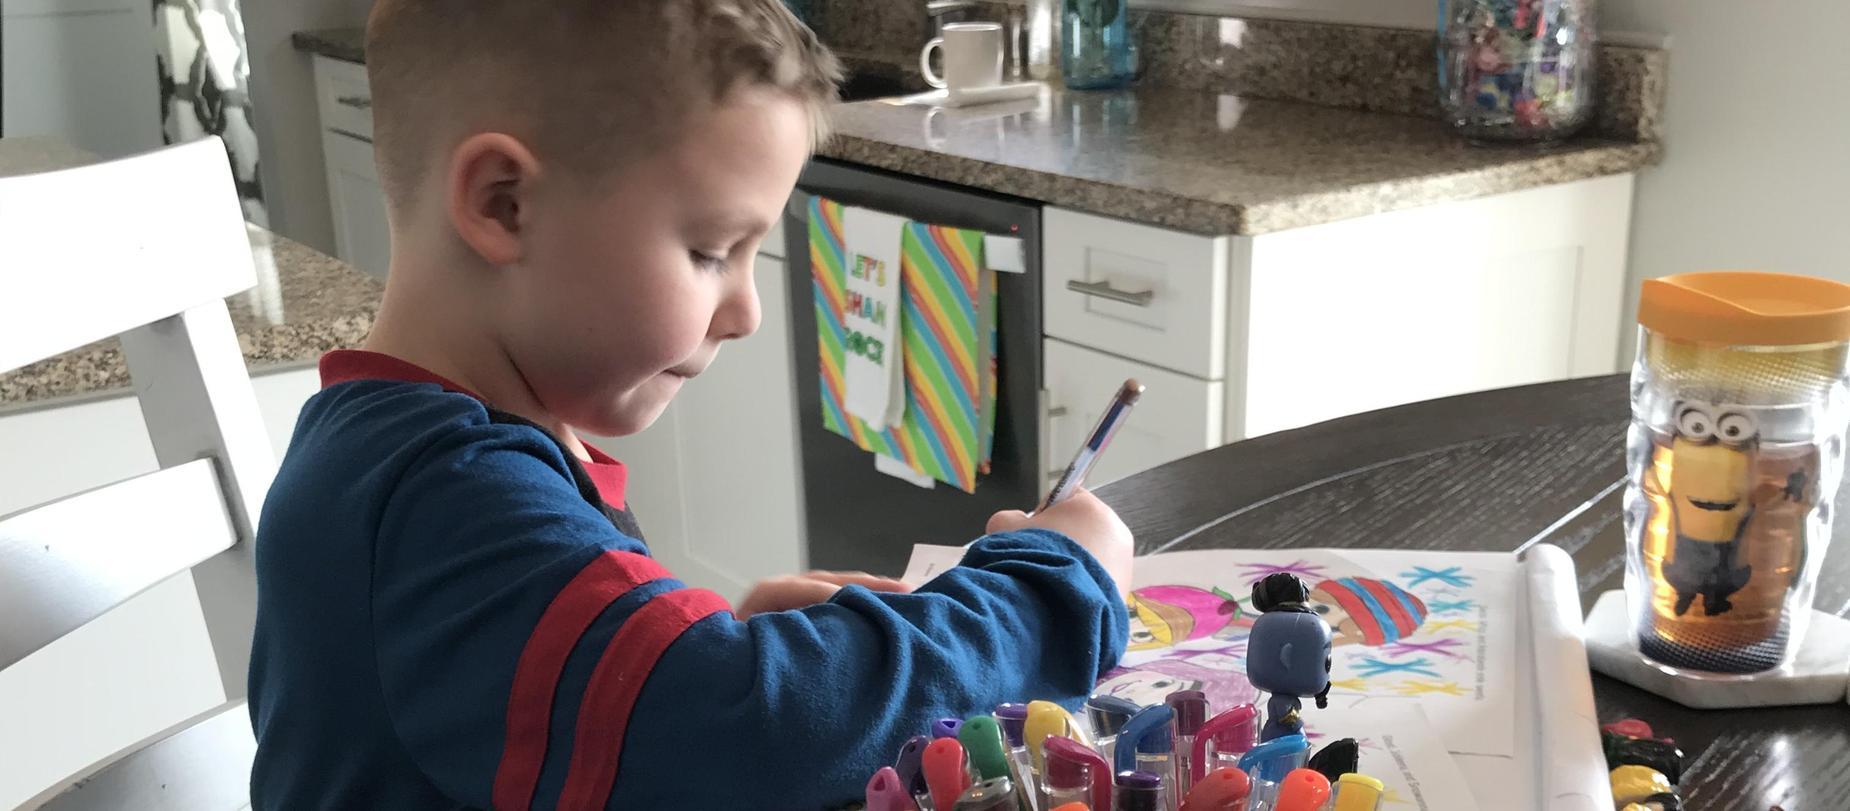 student doing art work